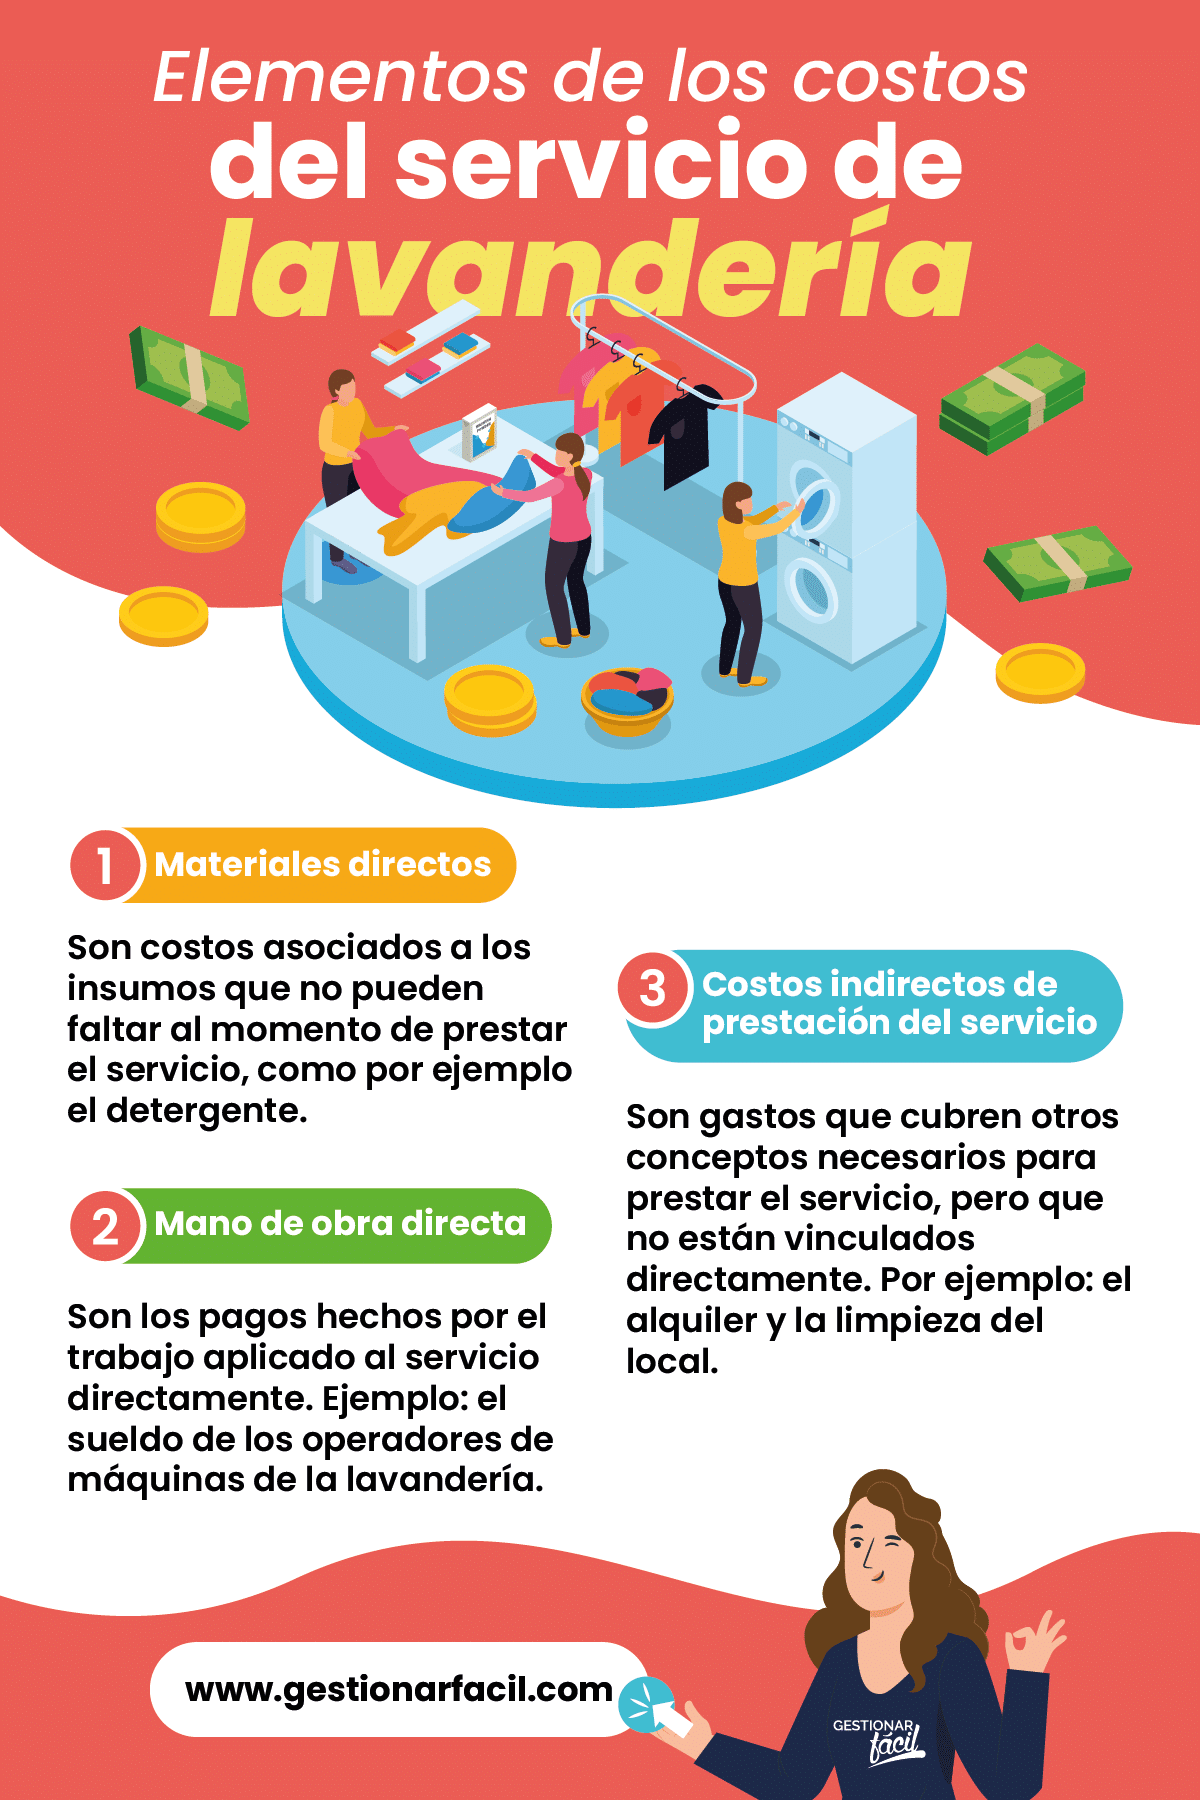 Elementos de los costos del servicio de lavandería.